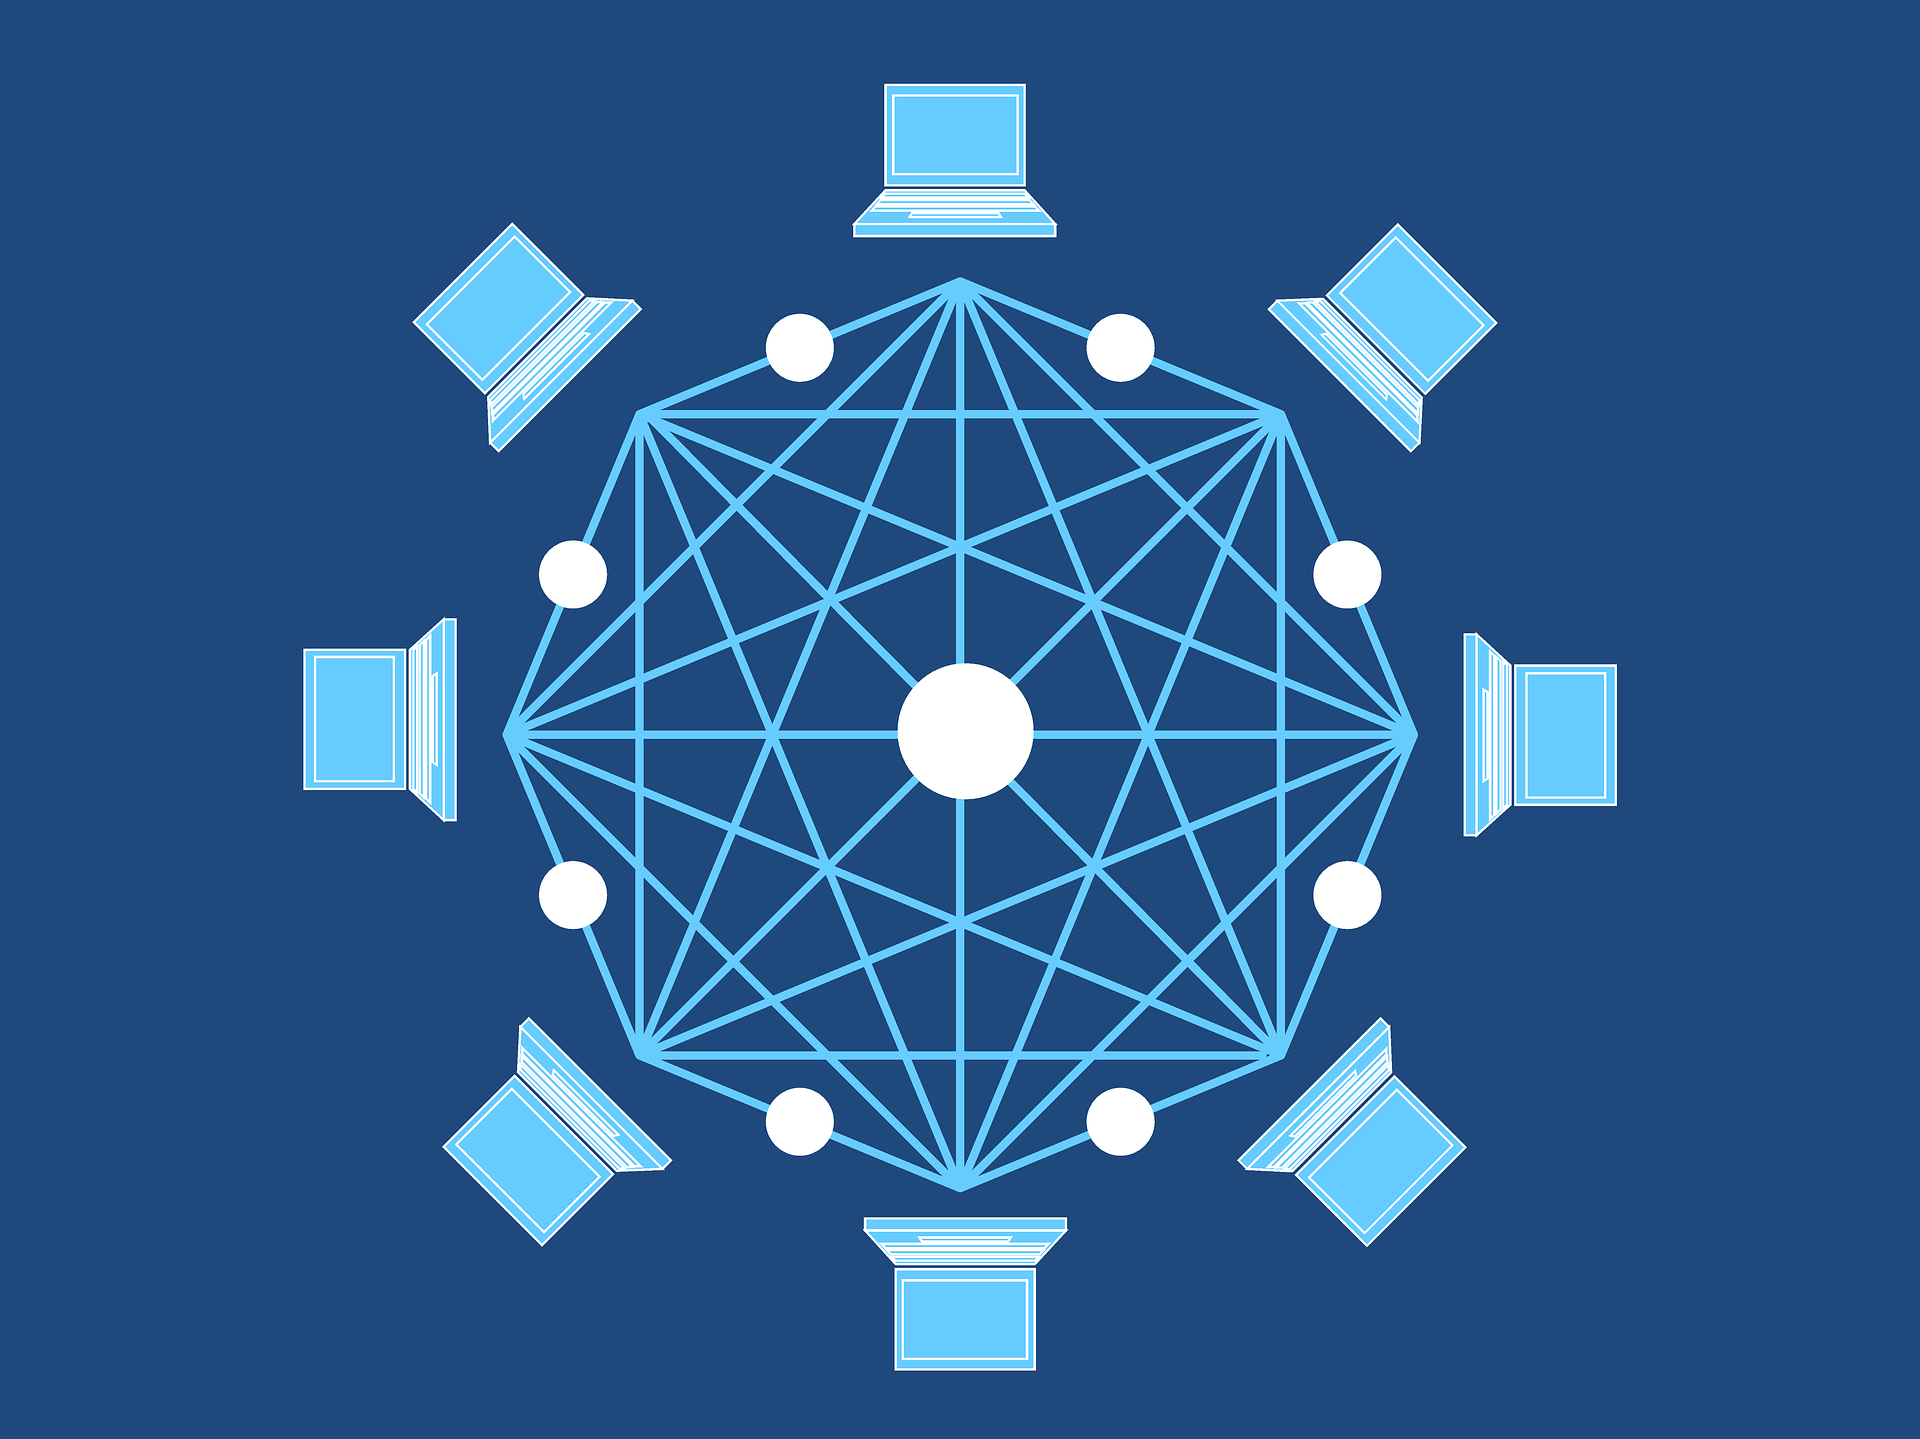 Blockchain teknologi. Hva vil det bety for deg?